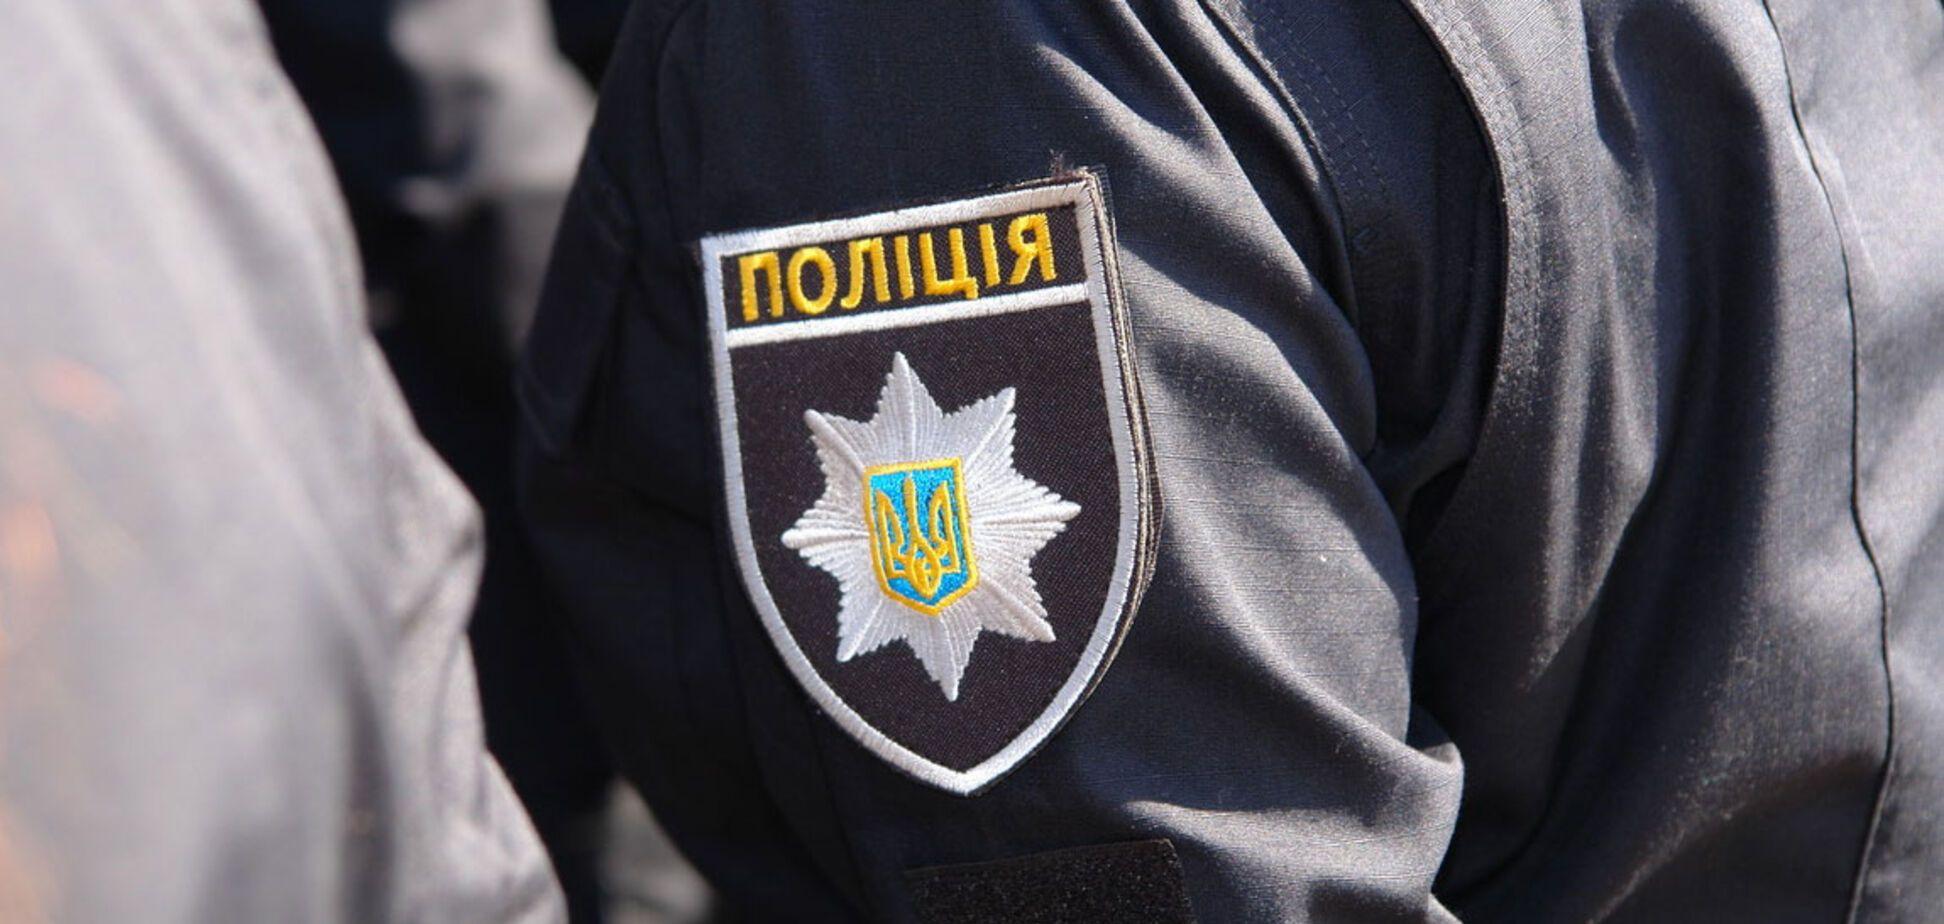 Пьяный прокурор сбил на смерть пешехода на Львовщине